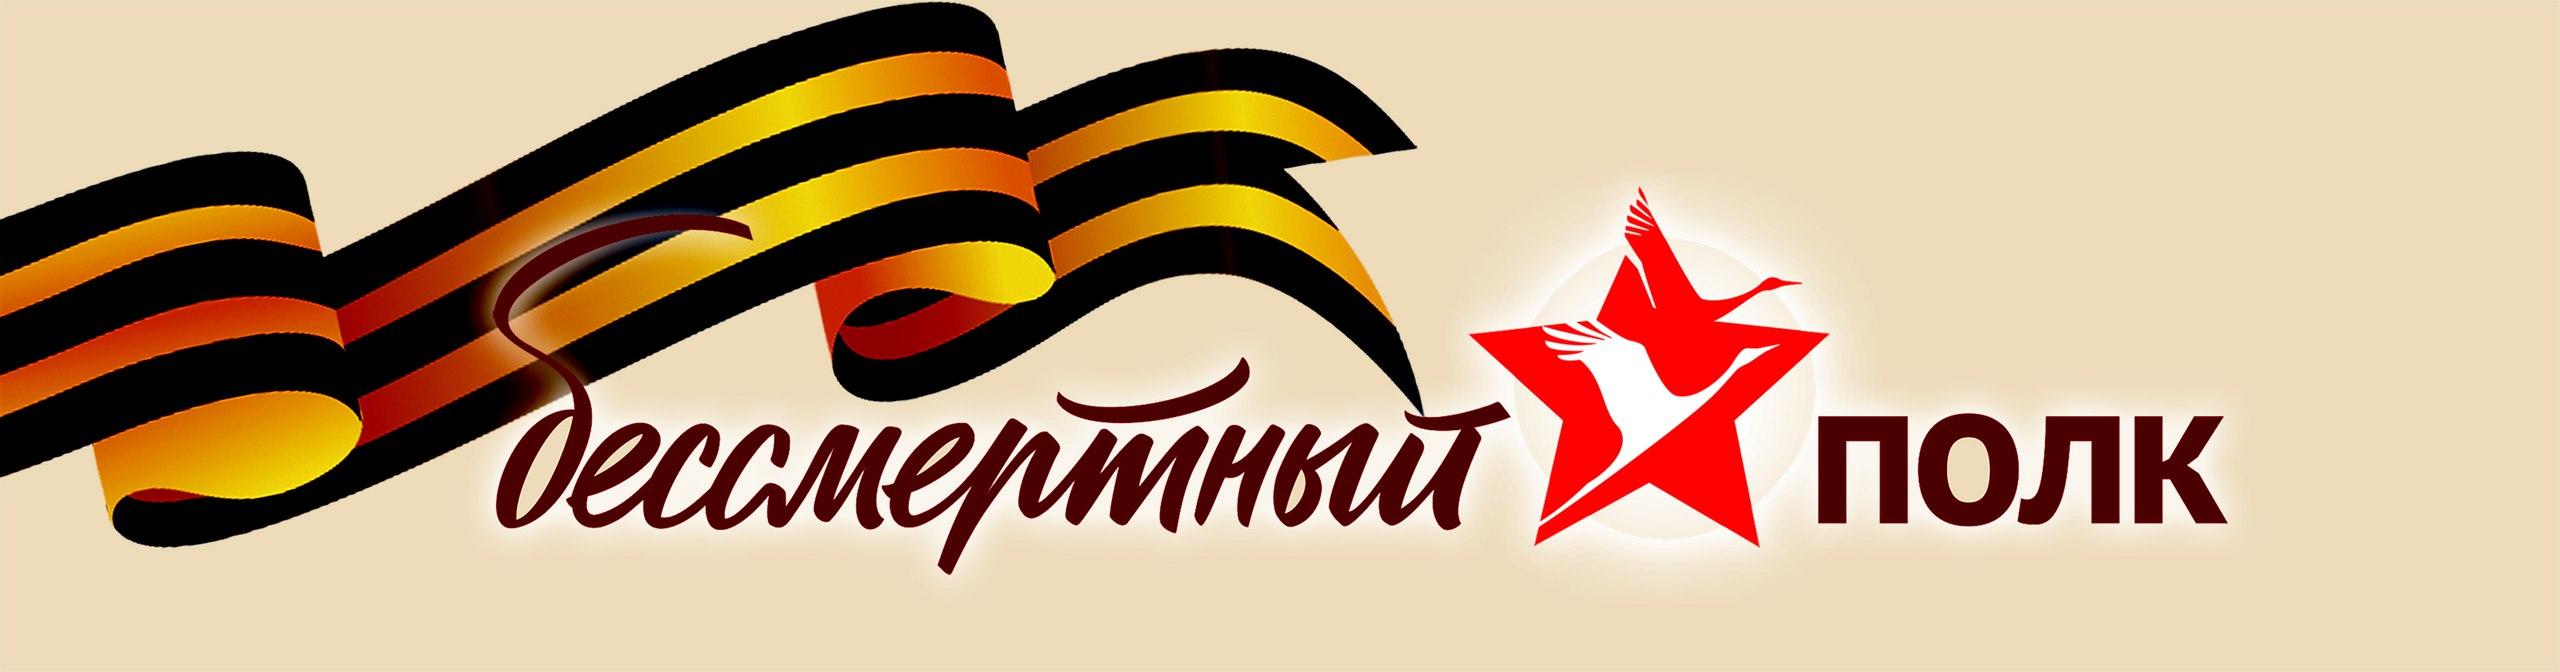 Участники онлайн-акции «Бессмертный полк» - ОМСУ Репьевского муниципального района